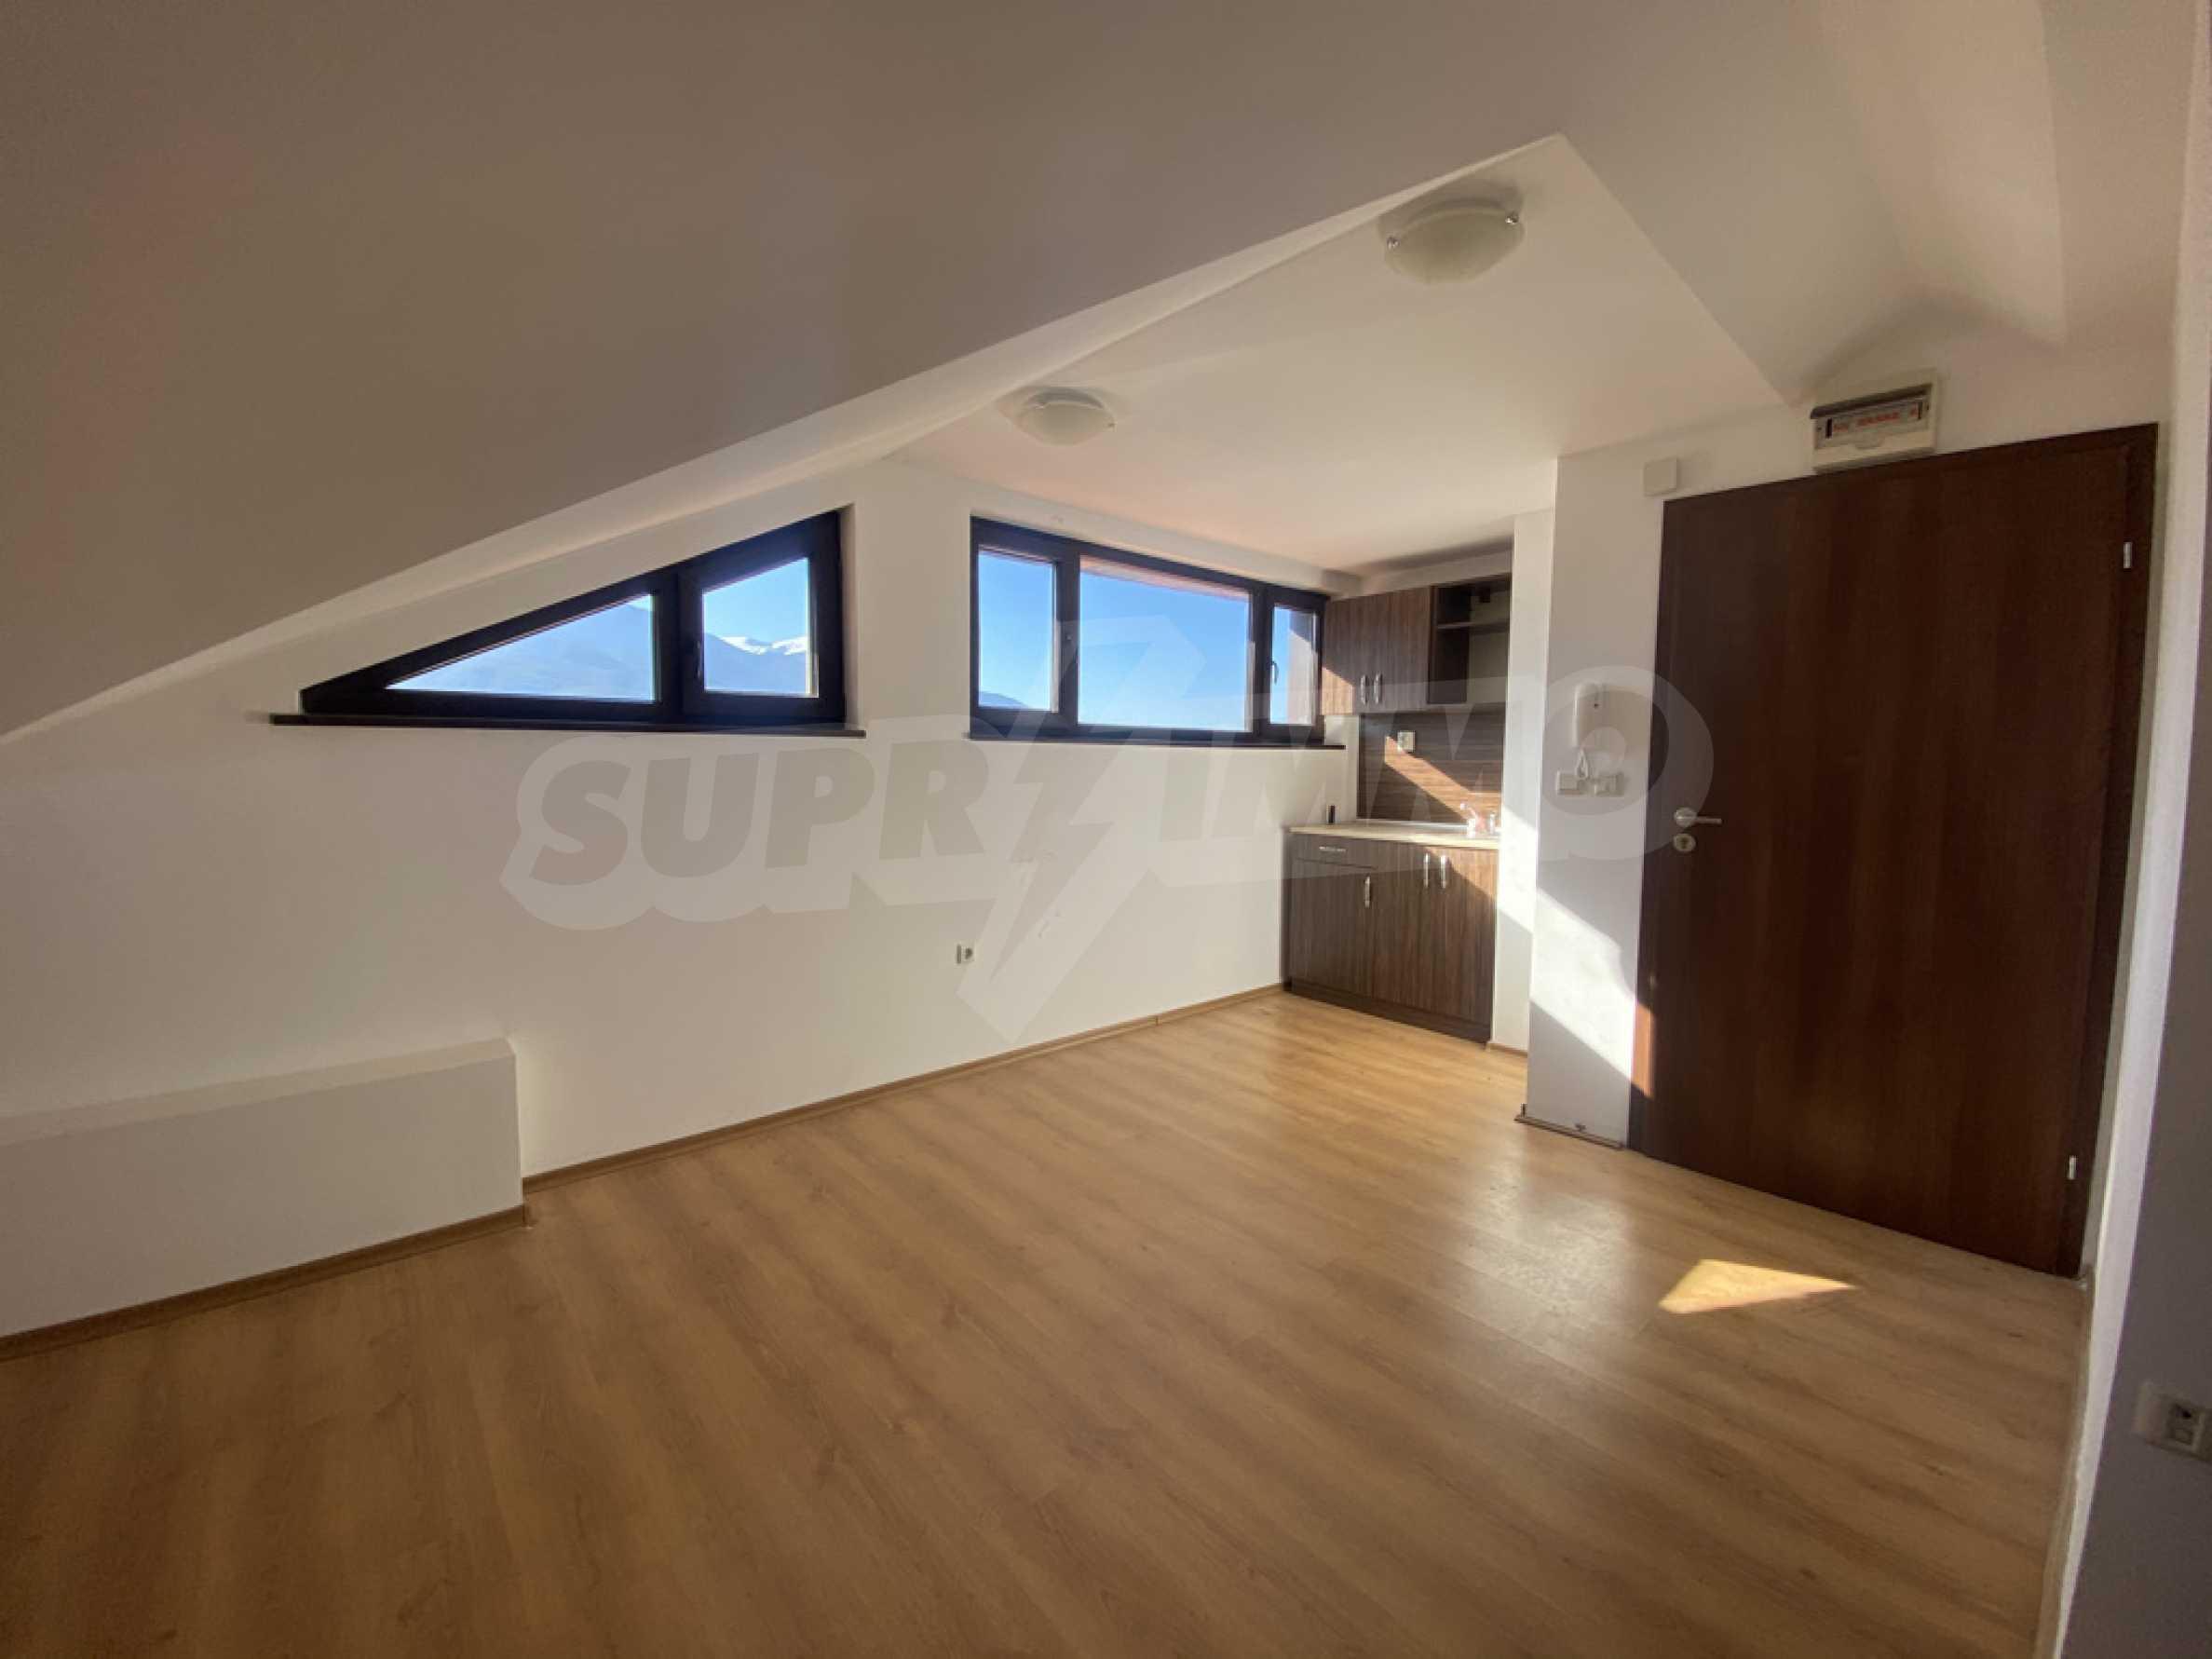 Необзаведен едностаен апартамент за продажба в СПА комплекс в Банско 2